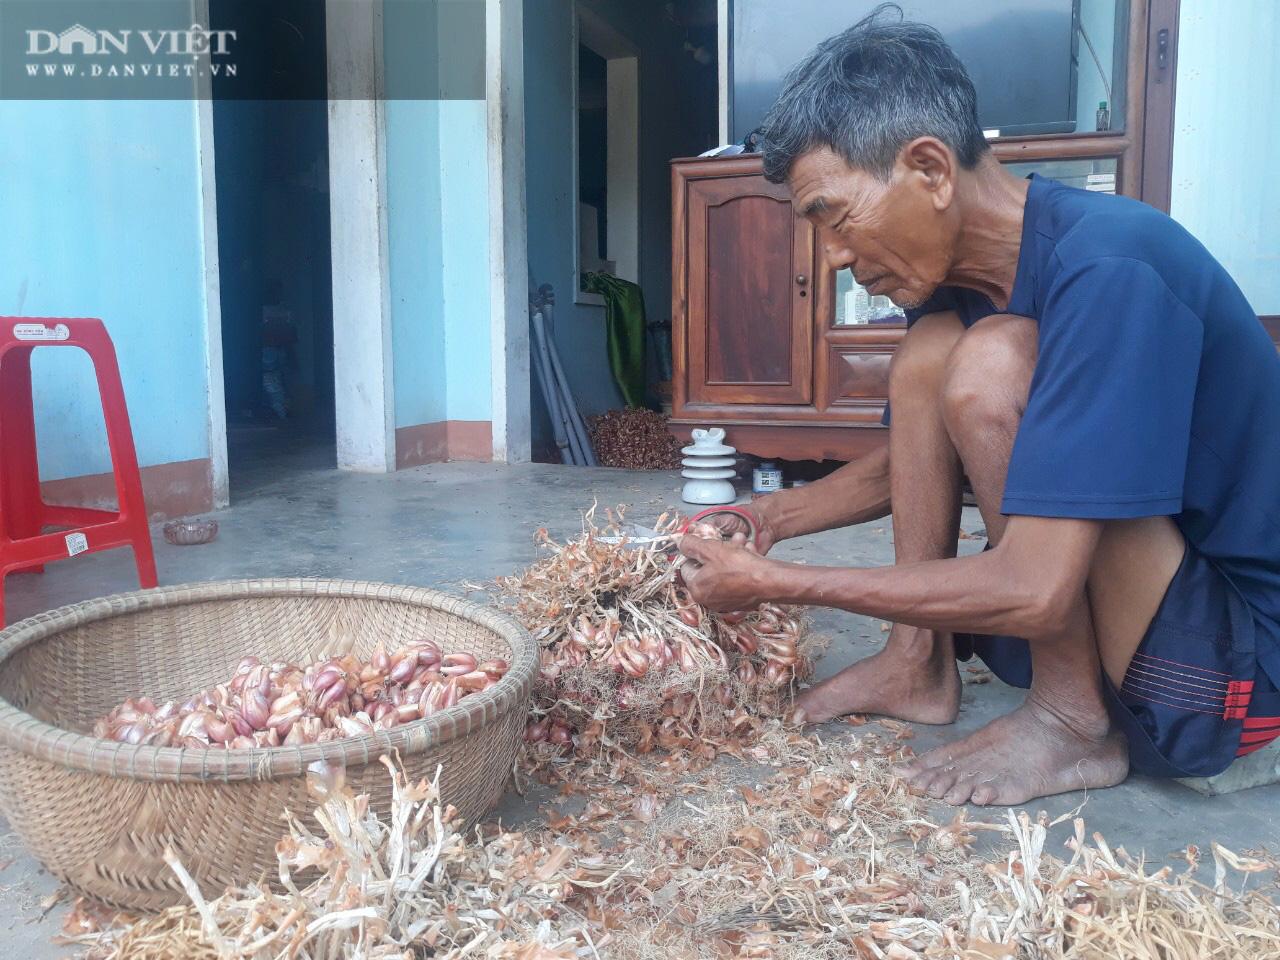 """Giá hành tím bất ngờ hạ giá, bán 1kg không mua nổi ổ bánh mì, nông dân Bình Định lao vào cú """"sốc"""" - Ảnh 4."""